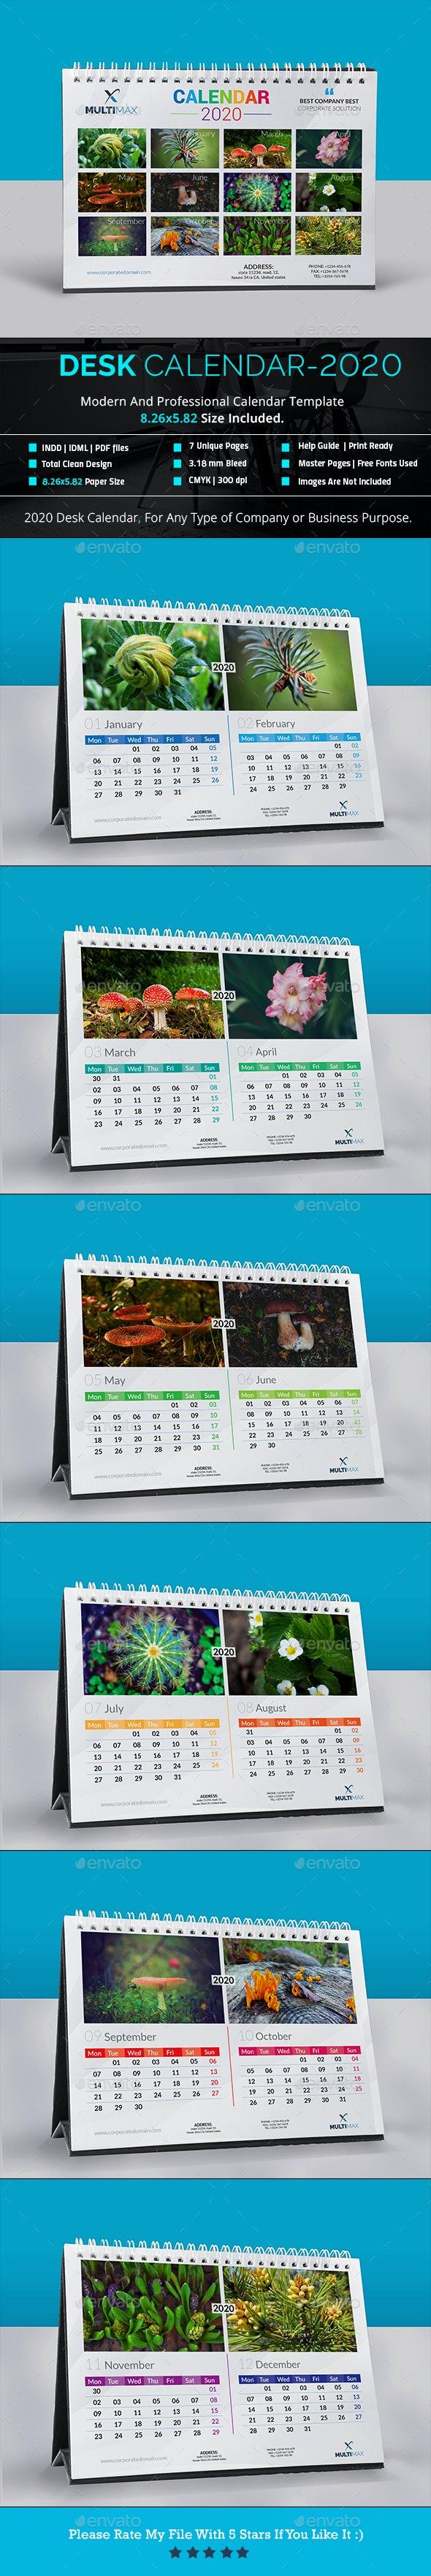 Desk Calendar-2020 - Calendars Stationery